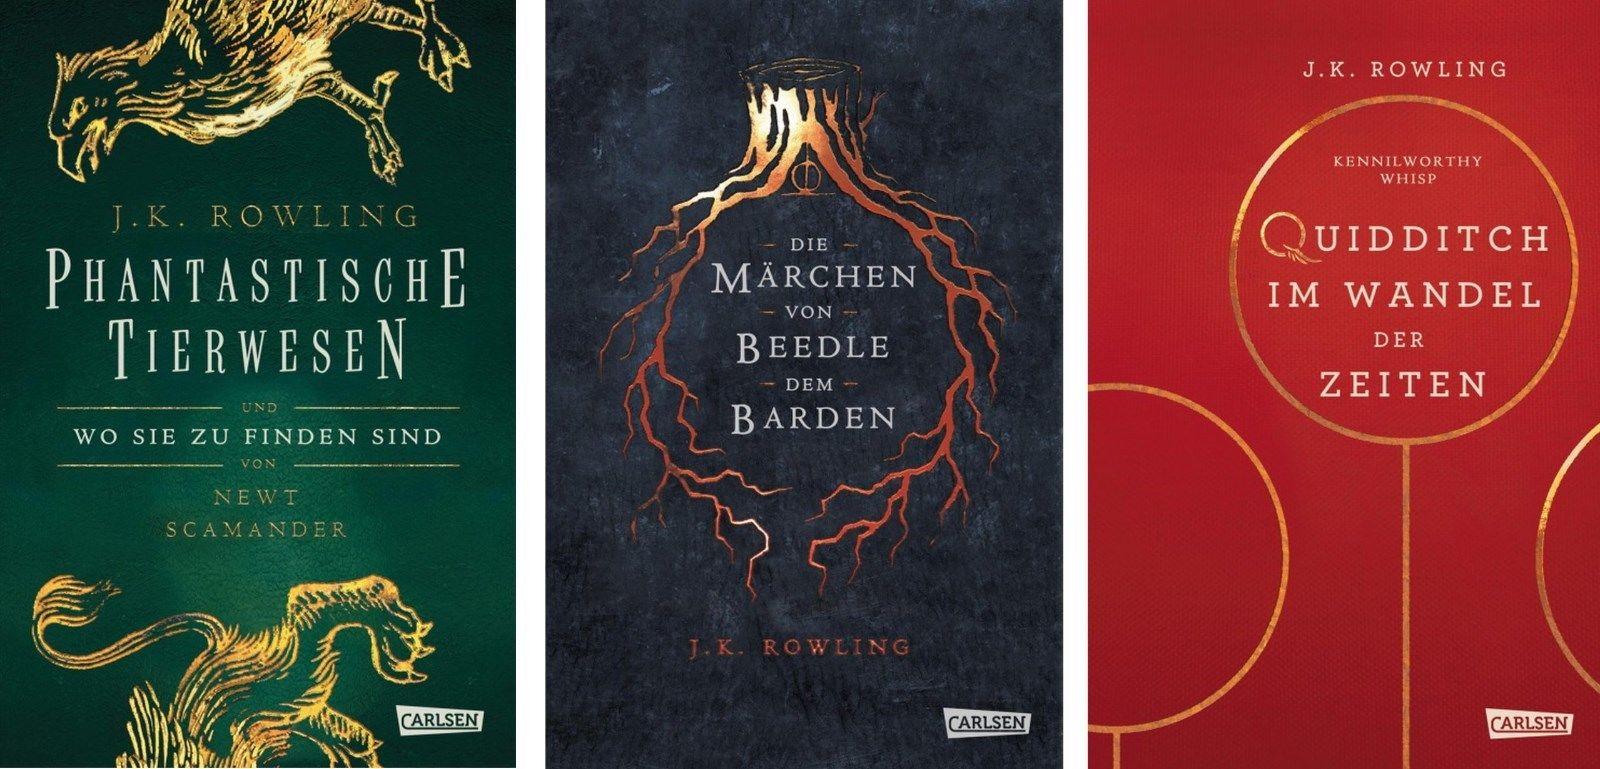 Hogwarts Schulbücher von J. K. Rowling (Harry Potter) 3 Bände im Set (Gebunden)